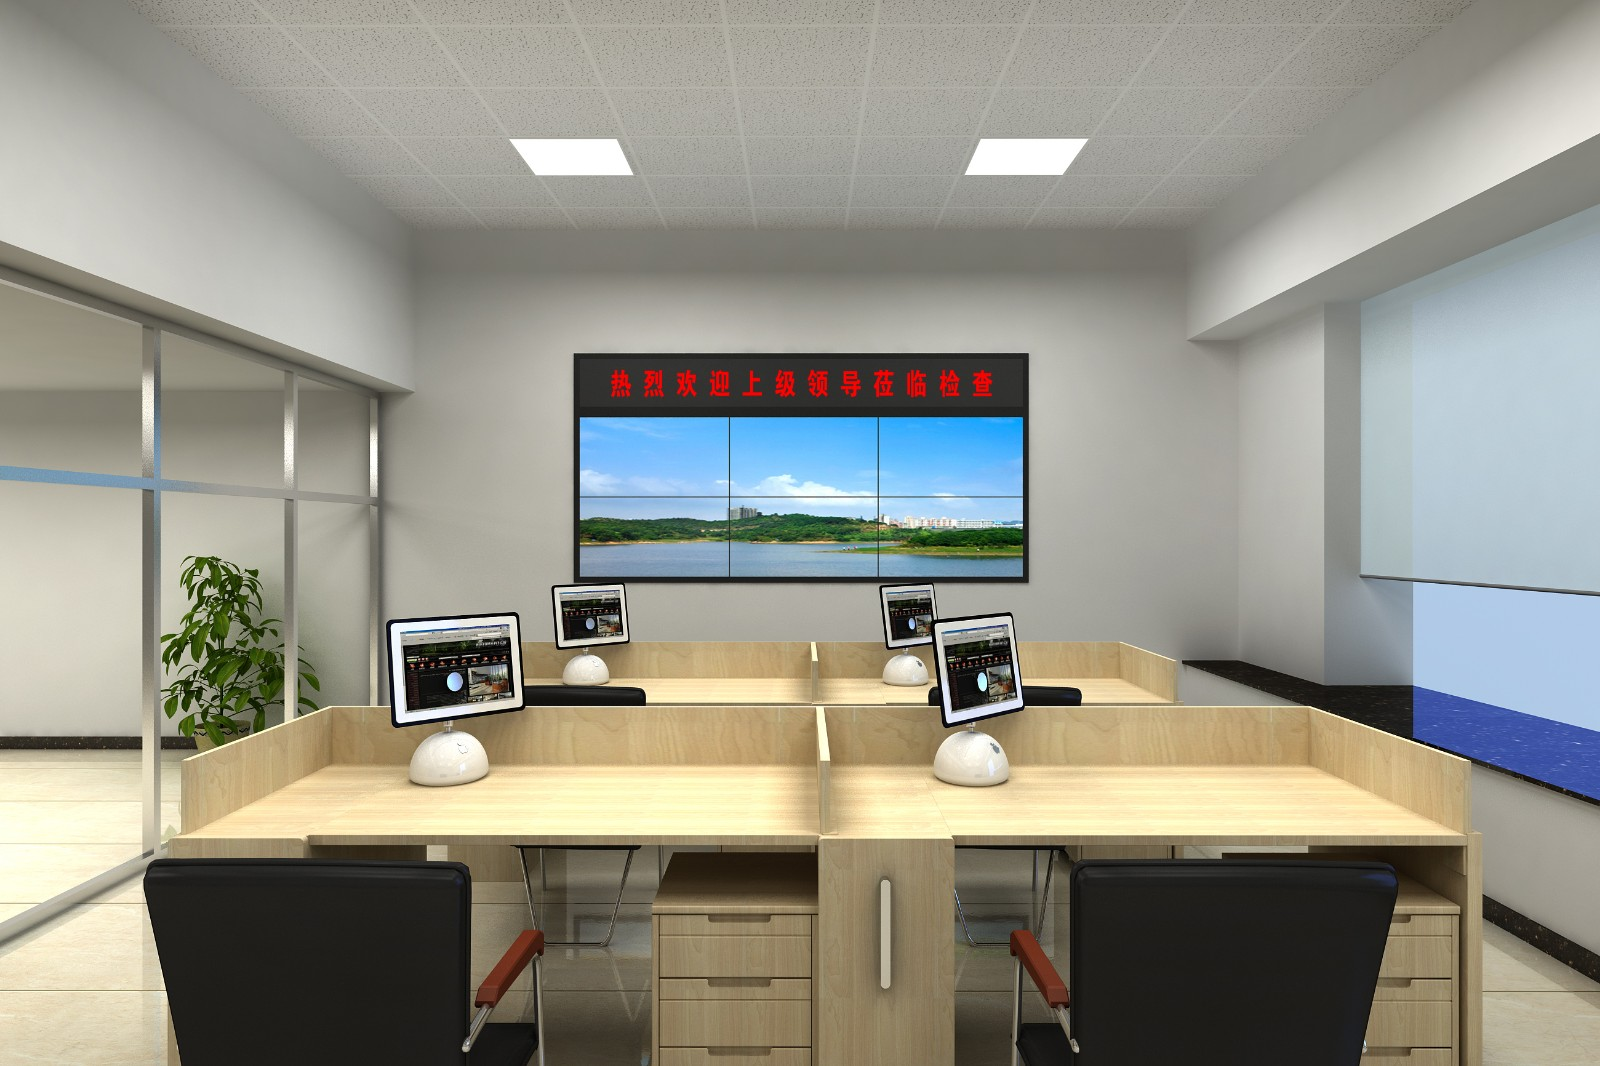 46寸液晶显示屏壁挂 2x3效果图